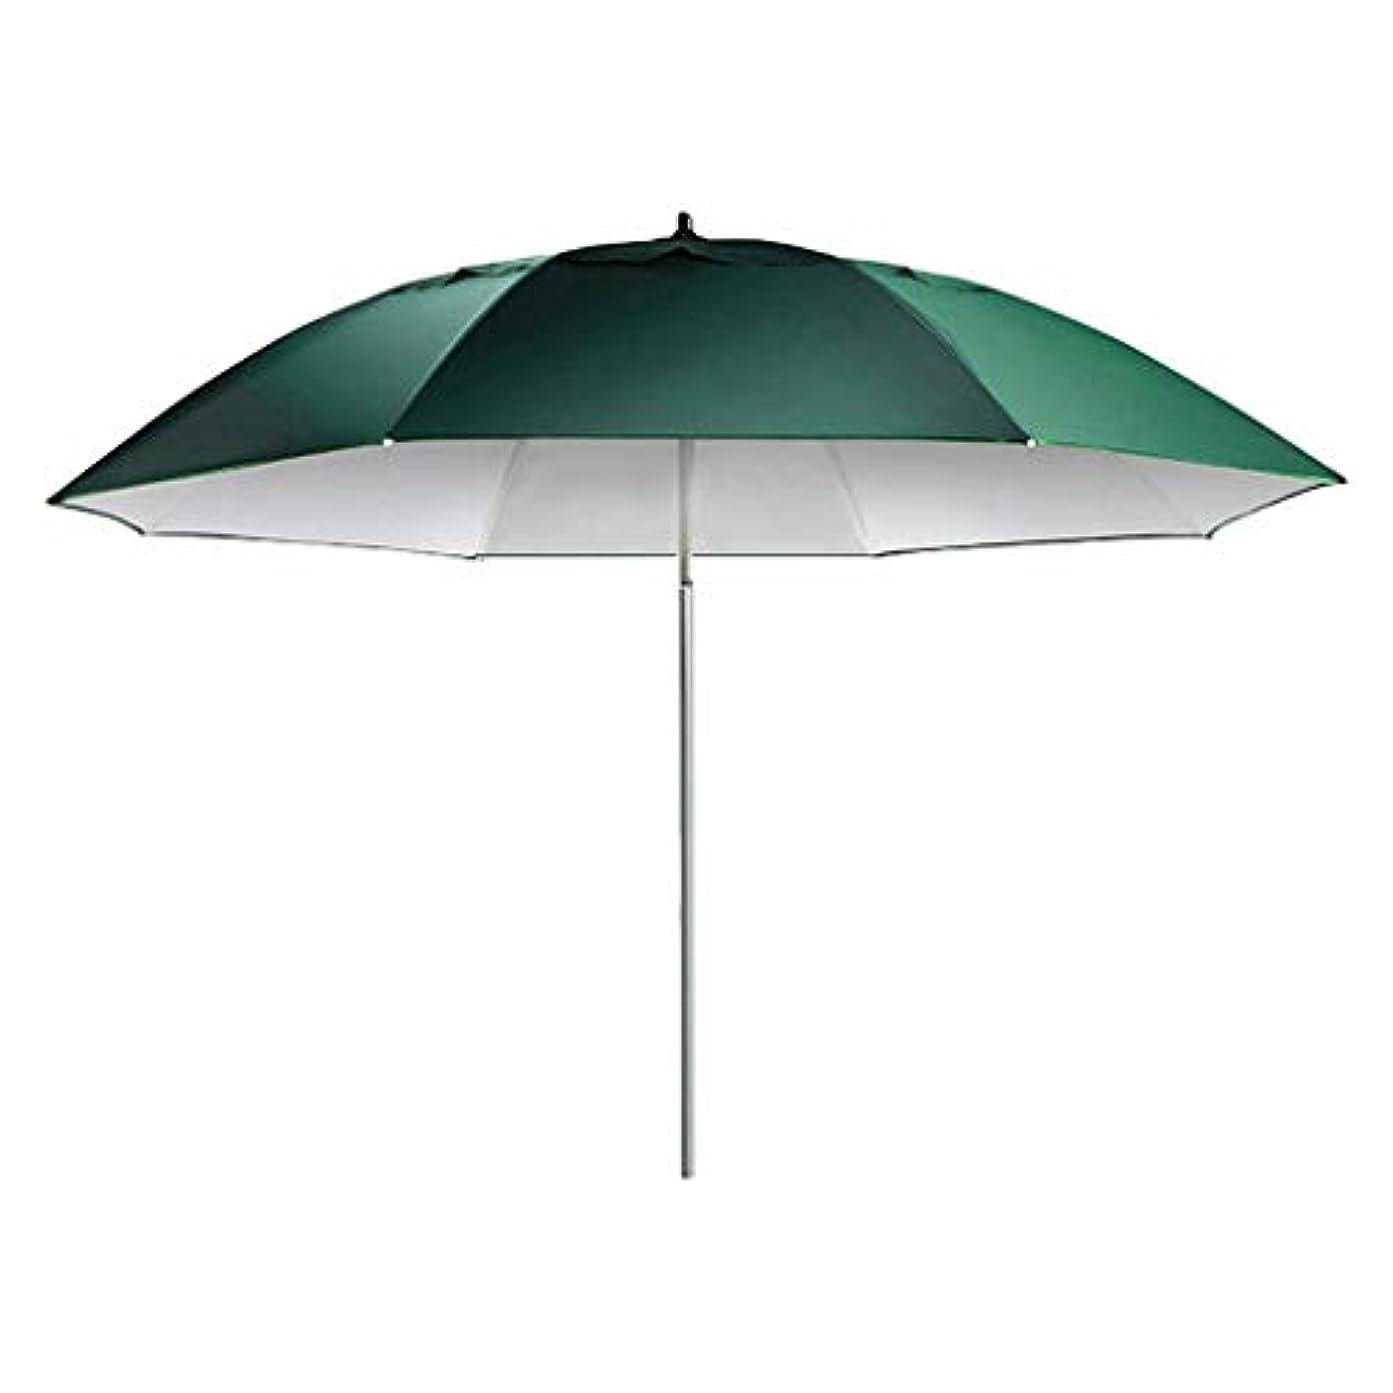 陽気な離婚個人的な太陽傘鉄棒オックスフォード回転日焼け止め雨折りたたみ傘屋外サンシェード傘 (サイズ さいず : Diameter1.6m)